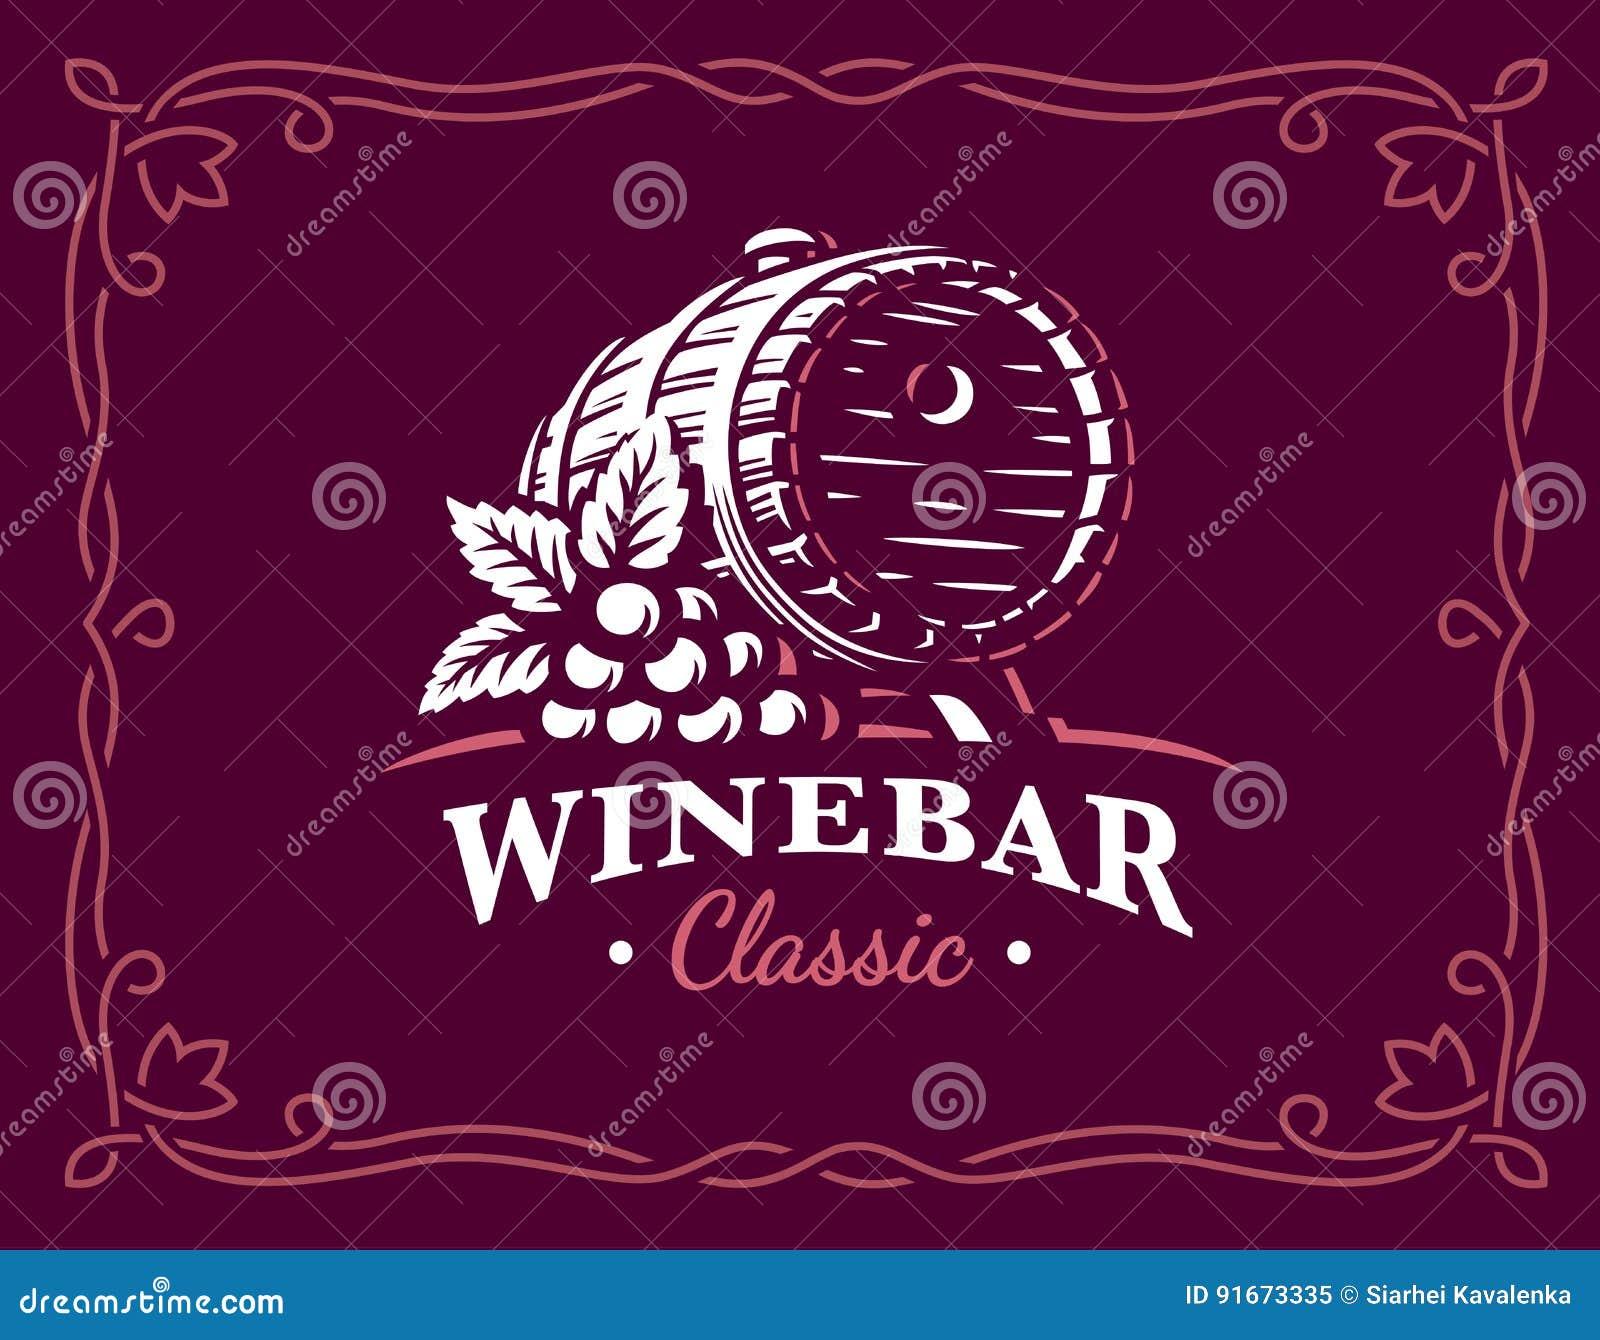 Wine barrel logo - vector illustration, emblem on maroon color background